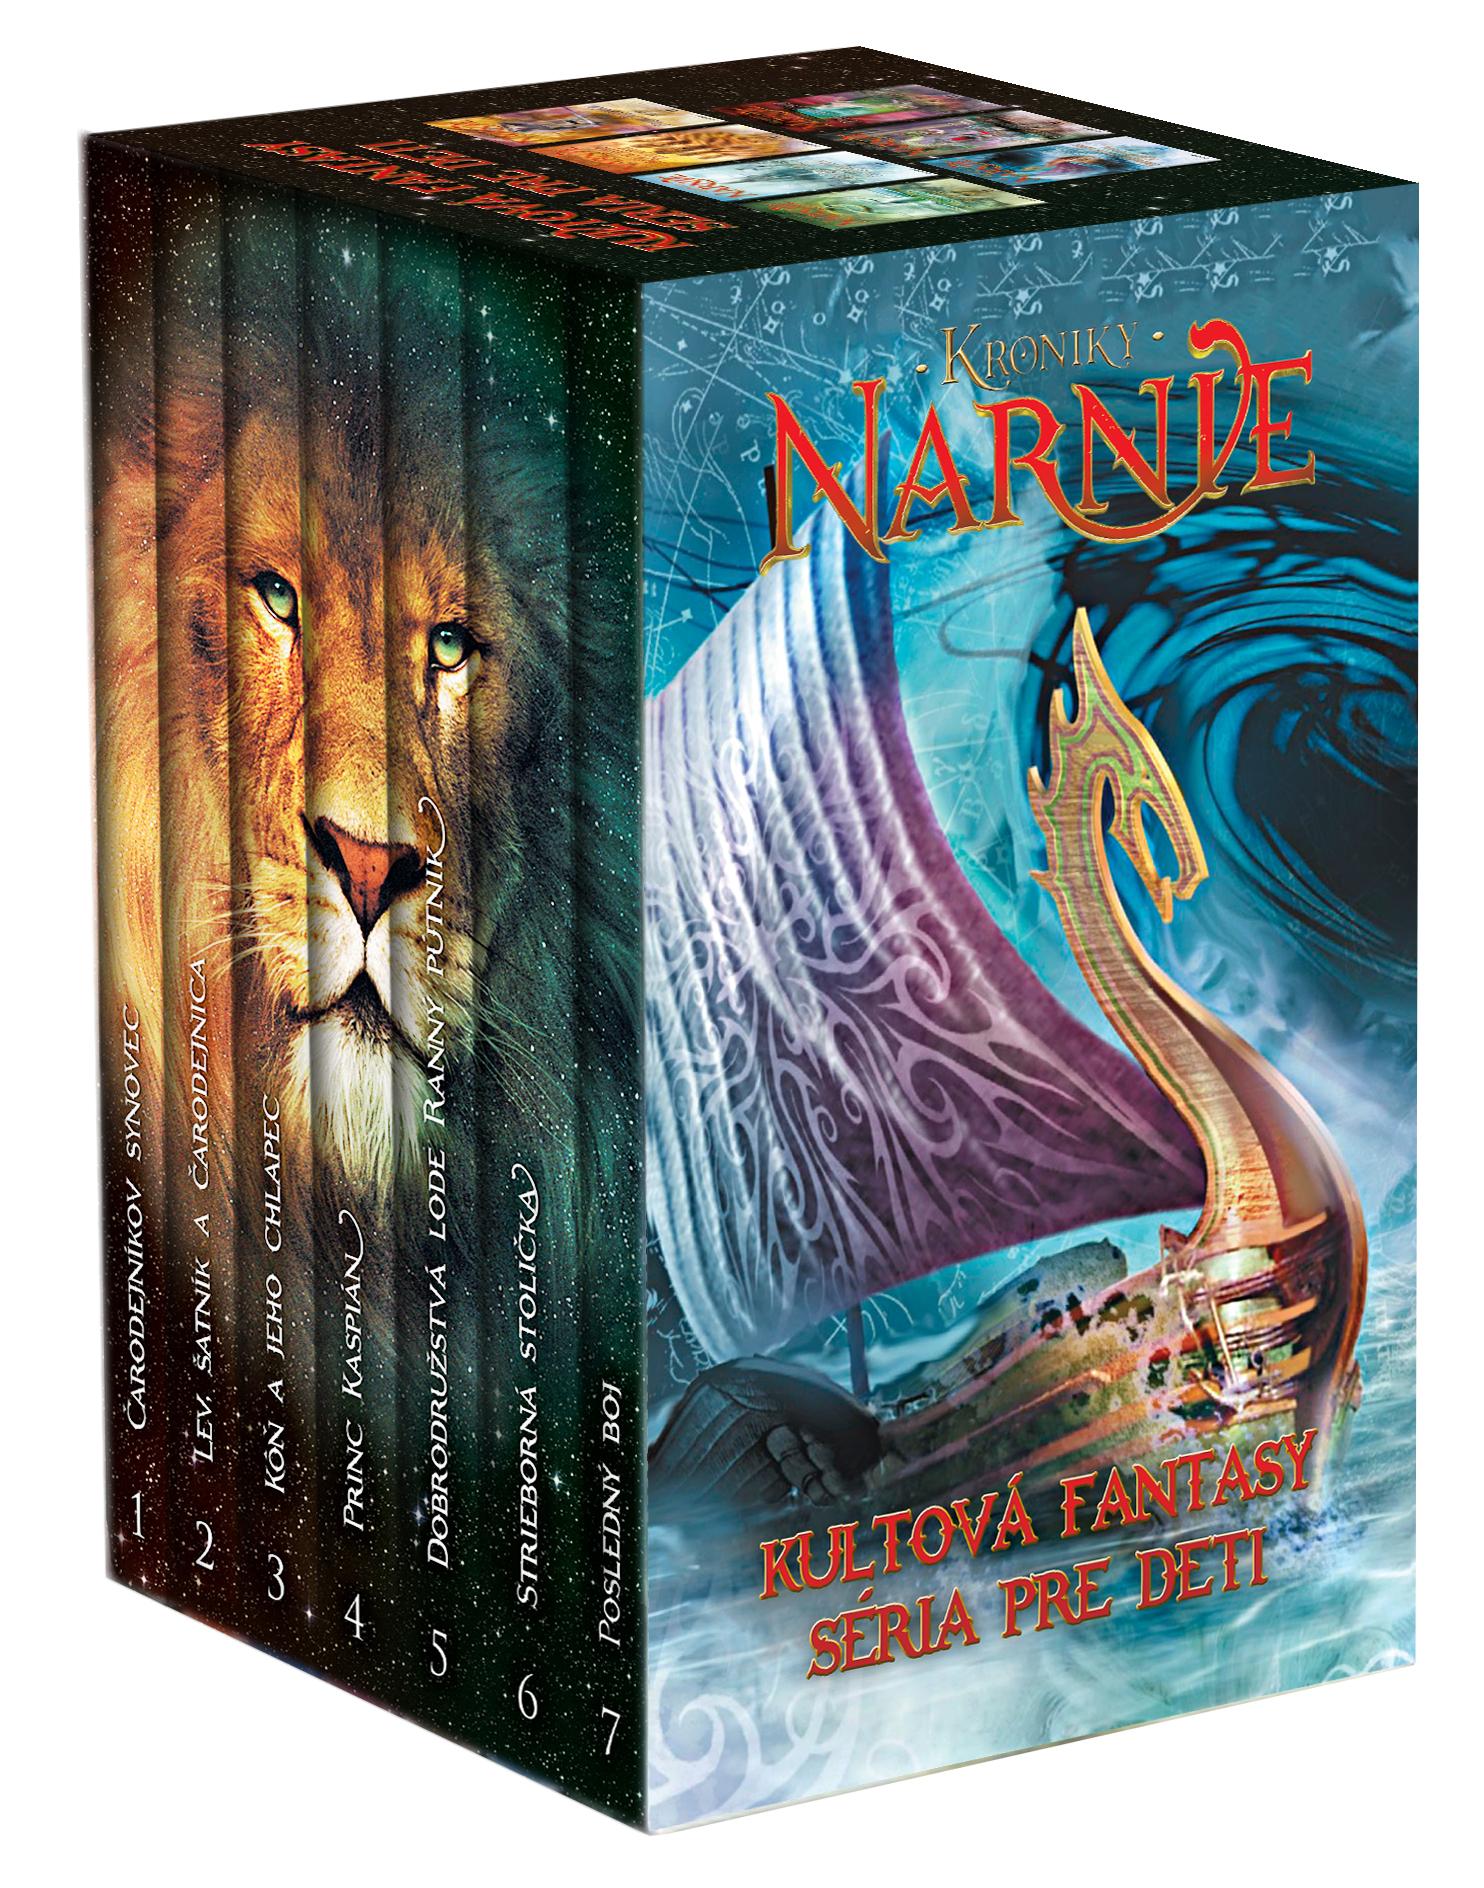 Kroniky Narnie set